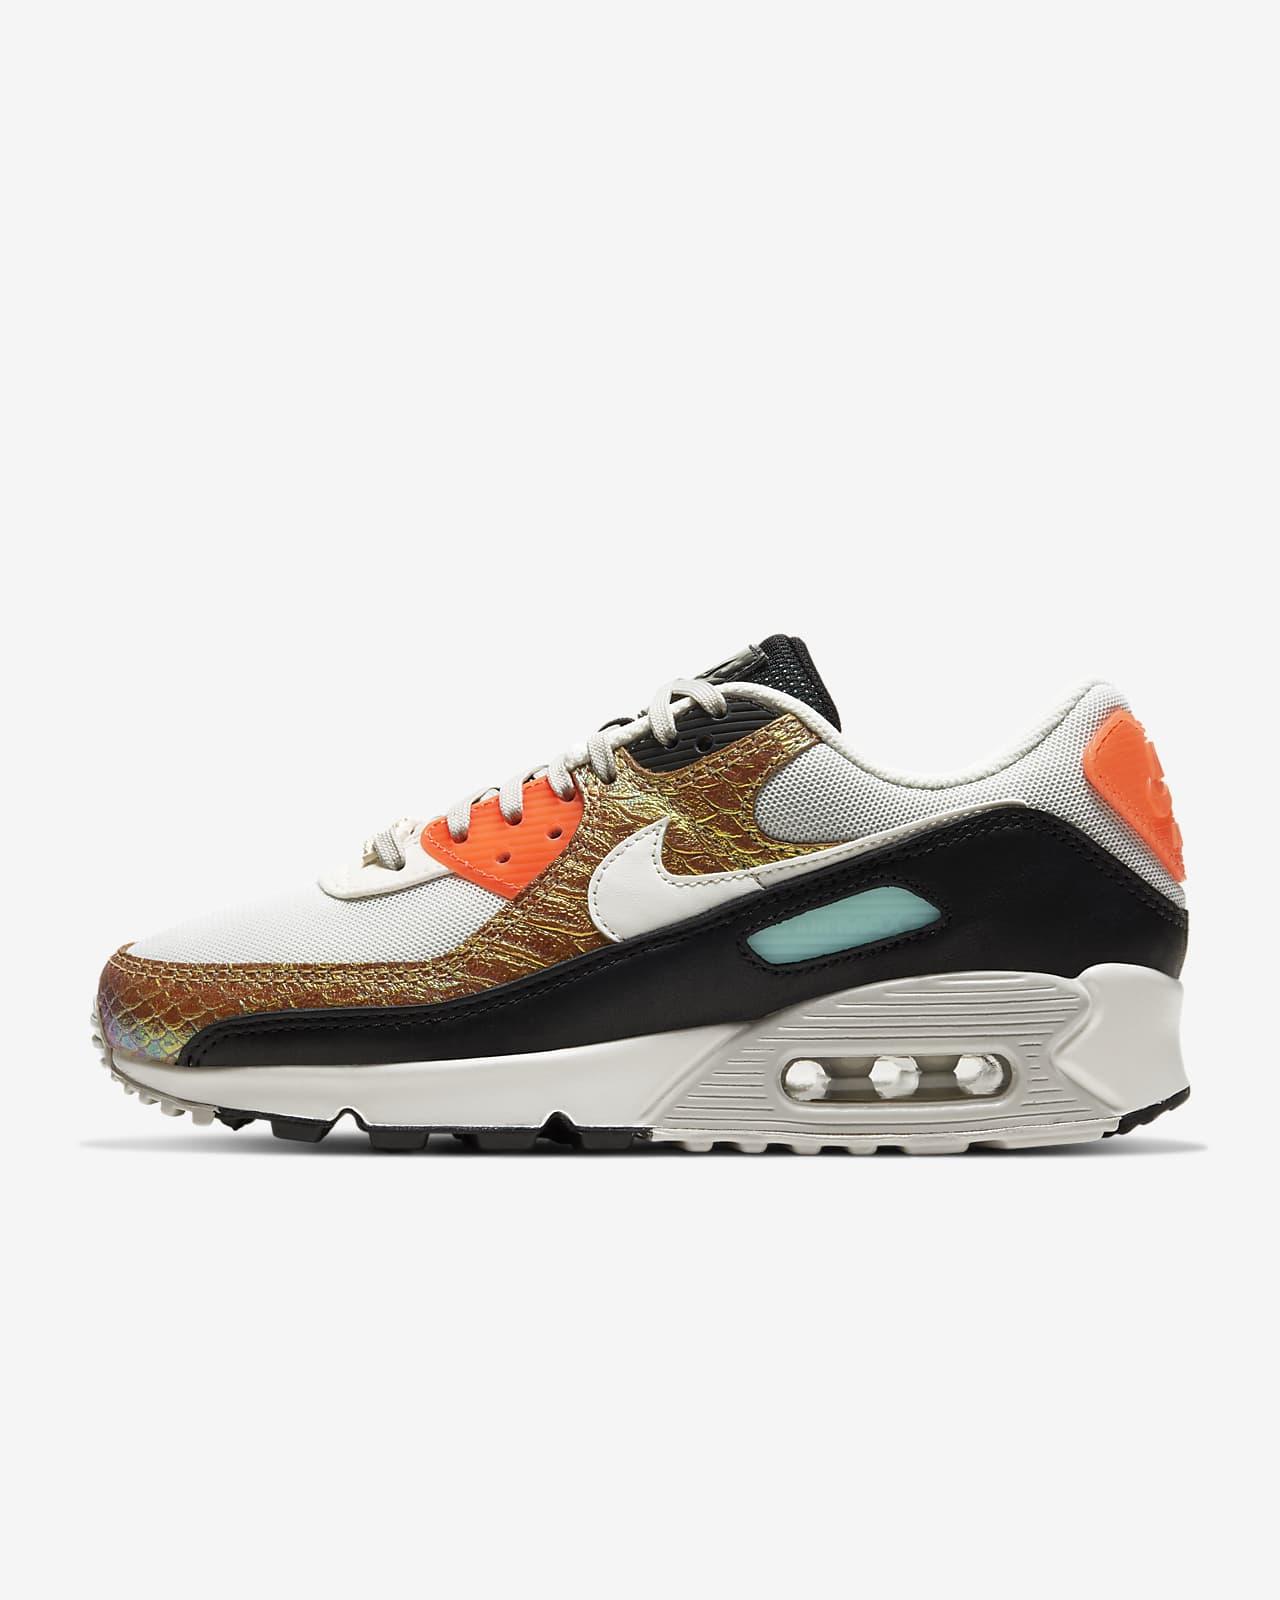 Nike Air Max 90 cipő